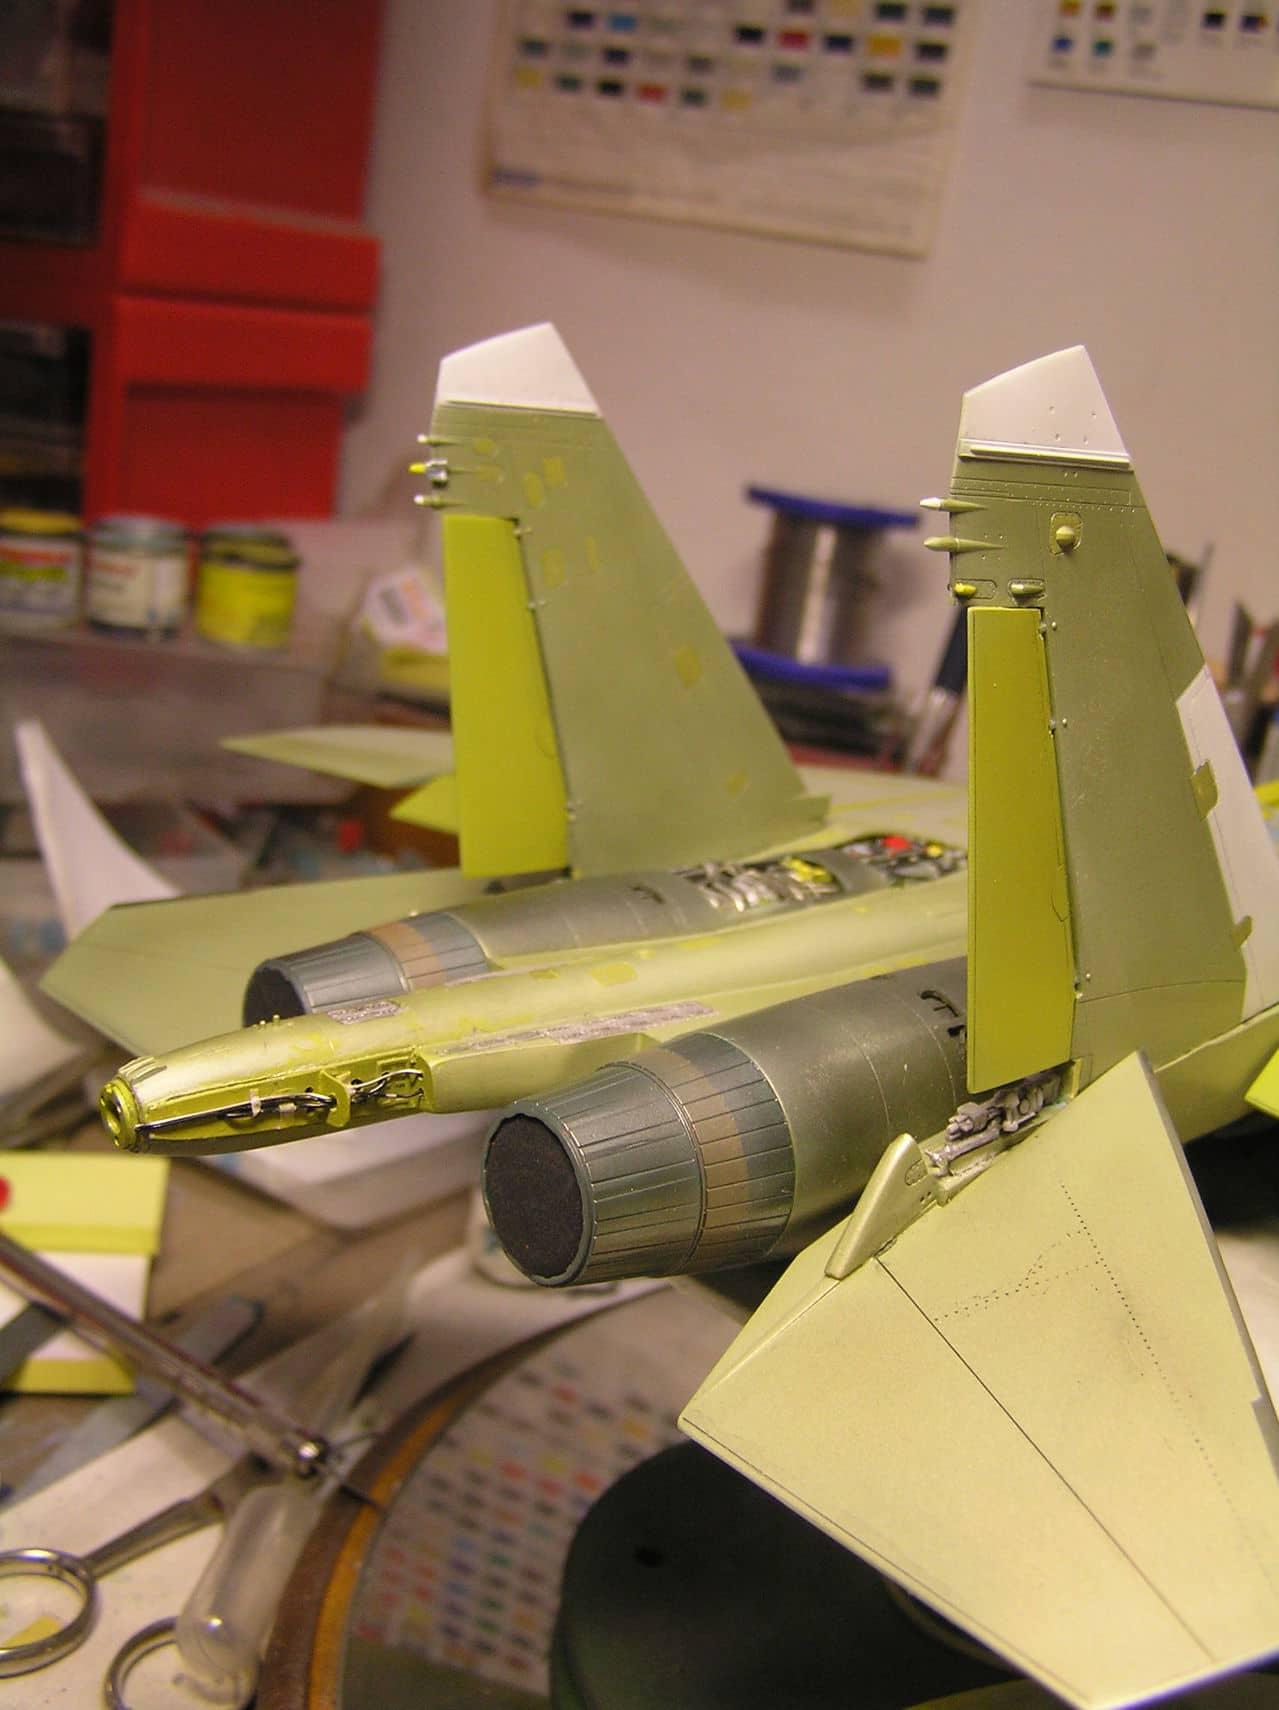 ...καπως ετσι αρχισαν ολα...Su-27  και τα μυαλα στα καγκελα... - Σελίδα 4 P1010194